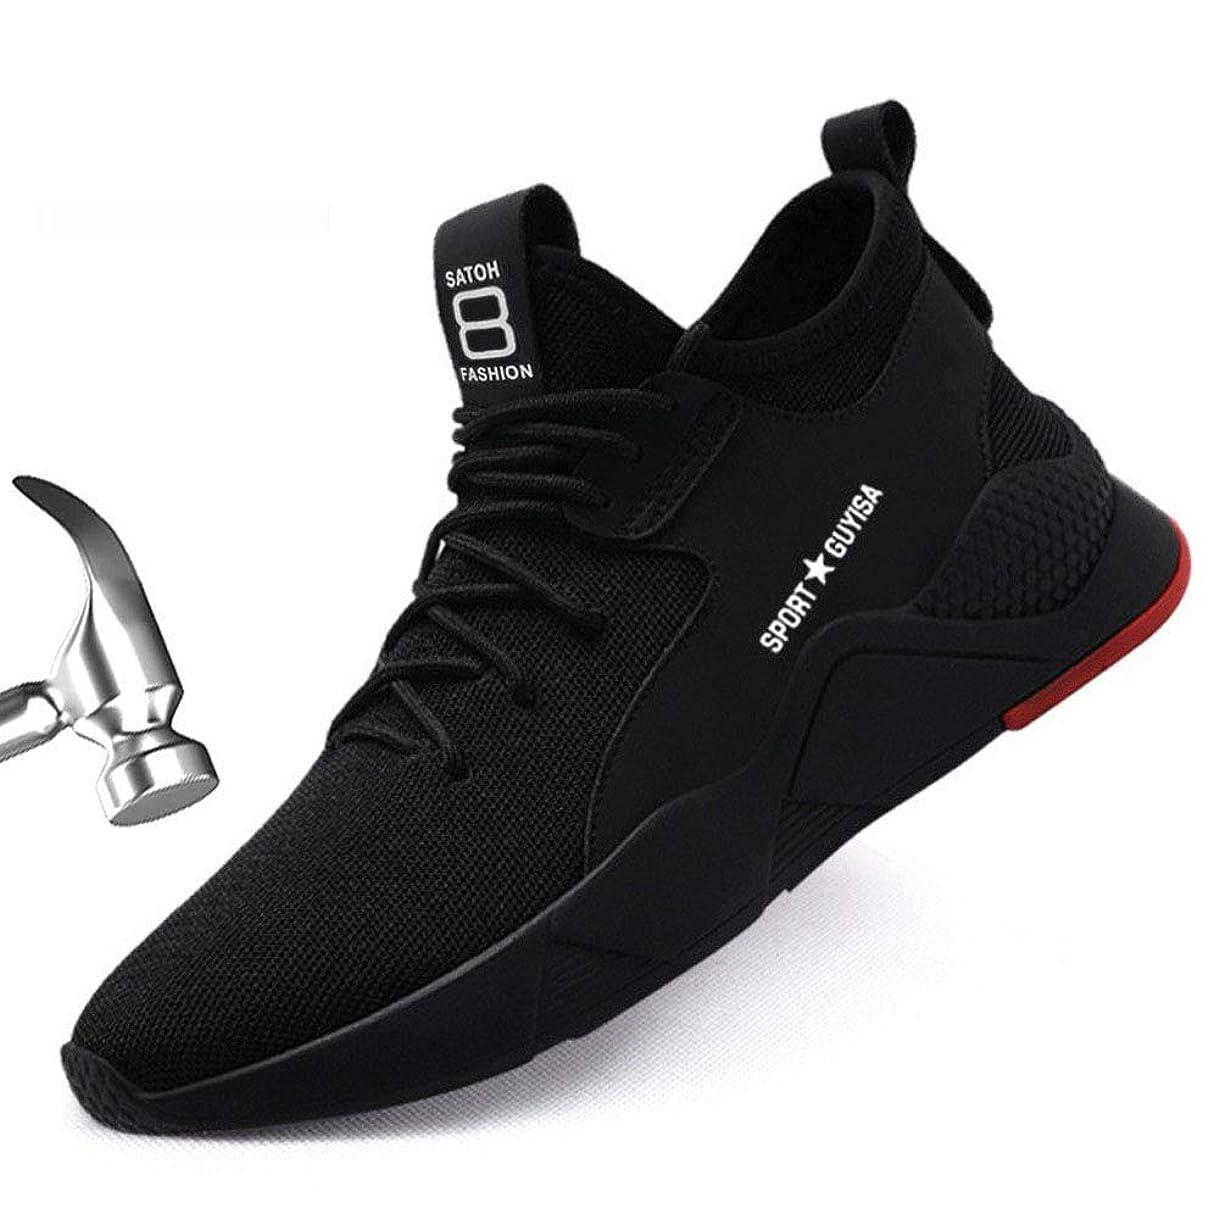 ボート絶望的なフィルタ[Ce ville] 安全靴 スニーカー メンズ 防滑 超通気 鋼先芯 つま先保護 防刺 耐磨耗 衝撃吸収 工事現場 作業 通勤 アウトドア